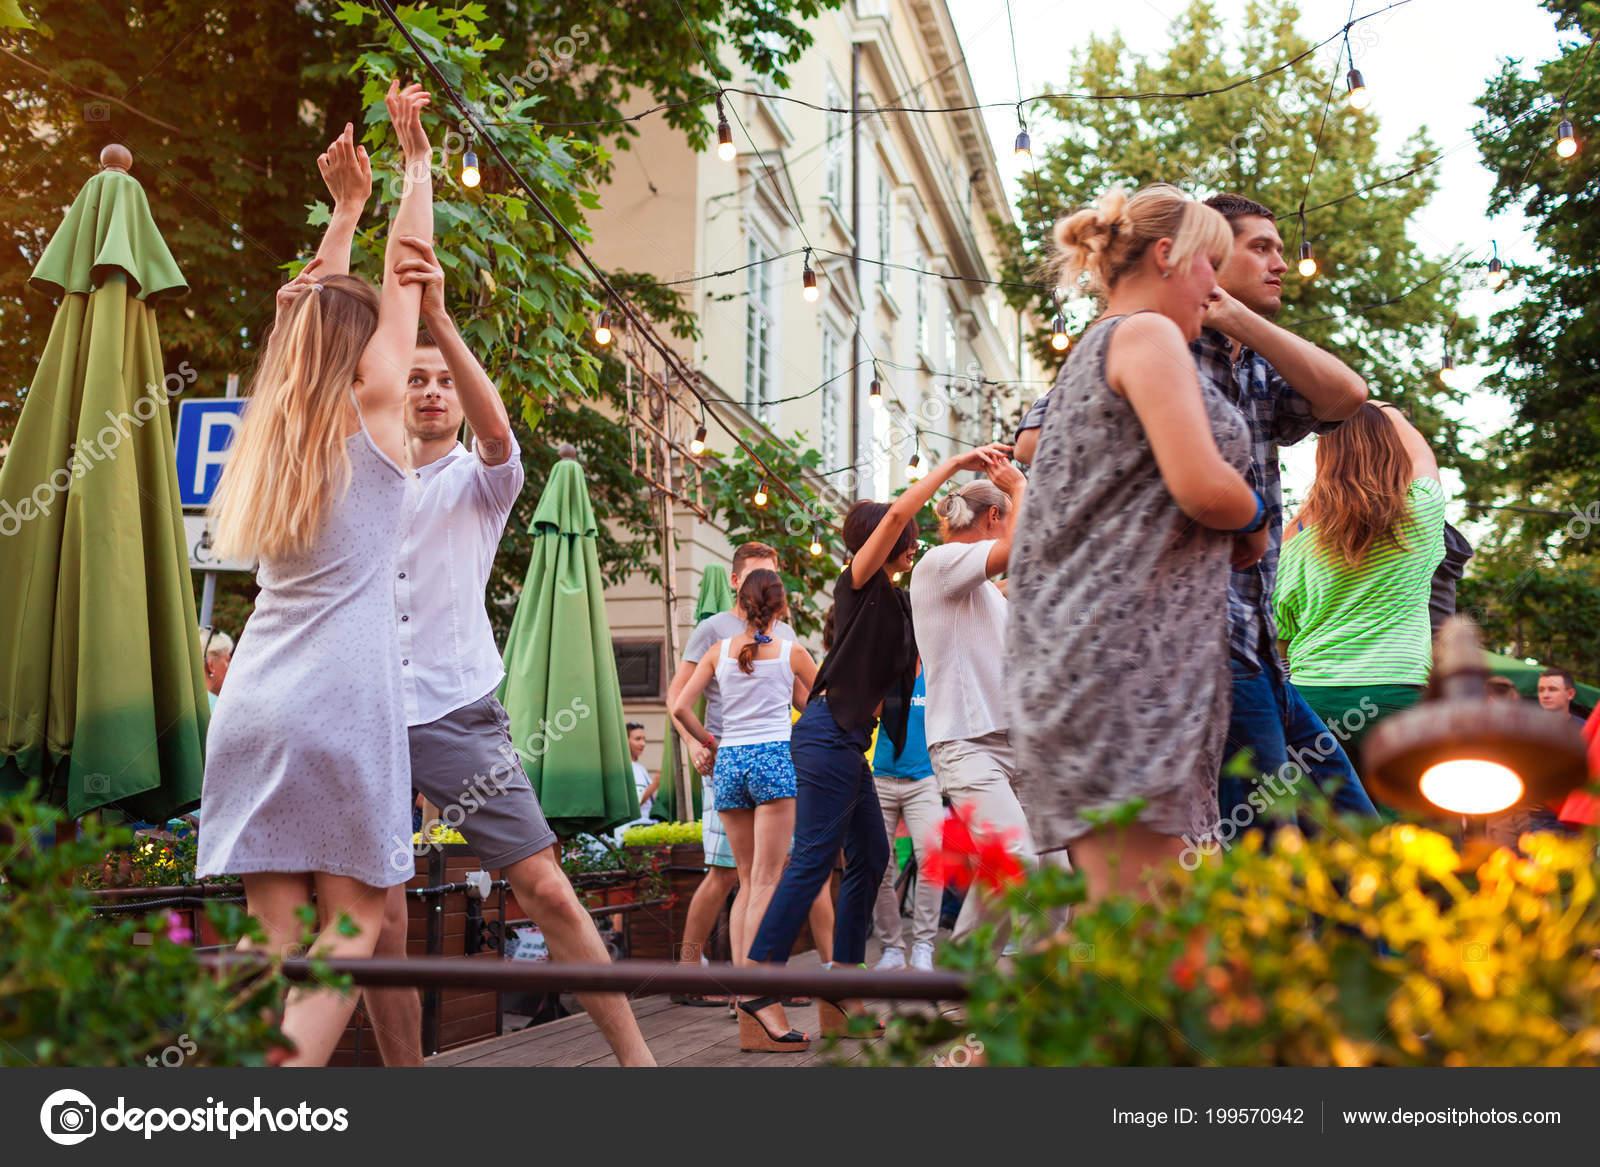 Lviv Ukraine June 2018 People Dancing Salsa Bachata Outdoor